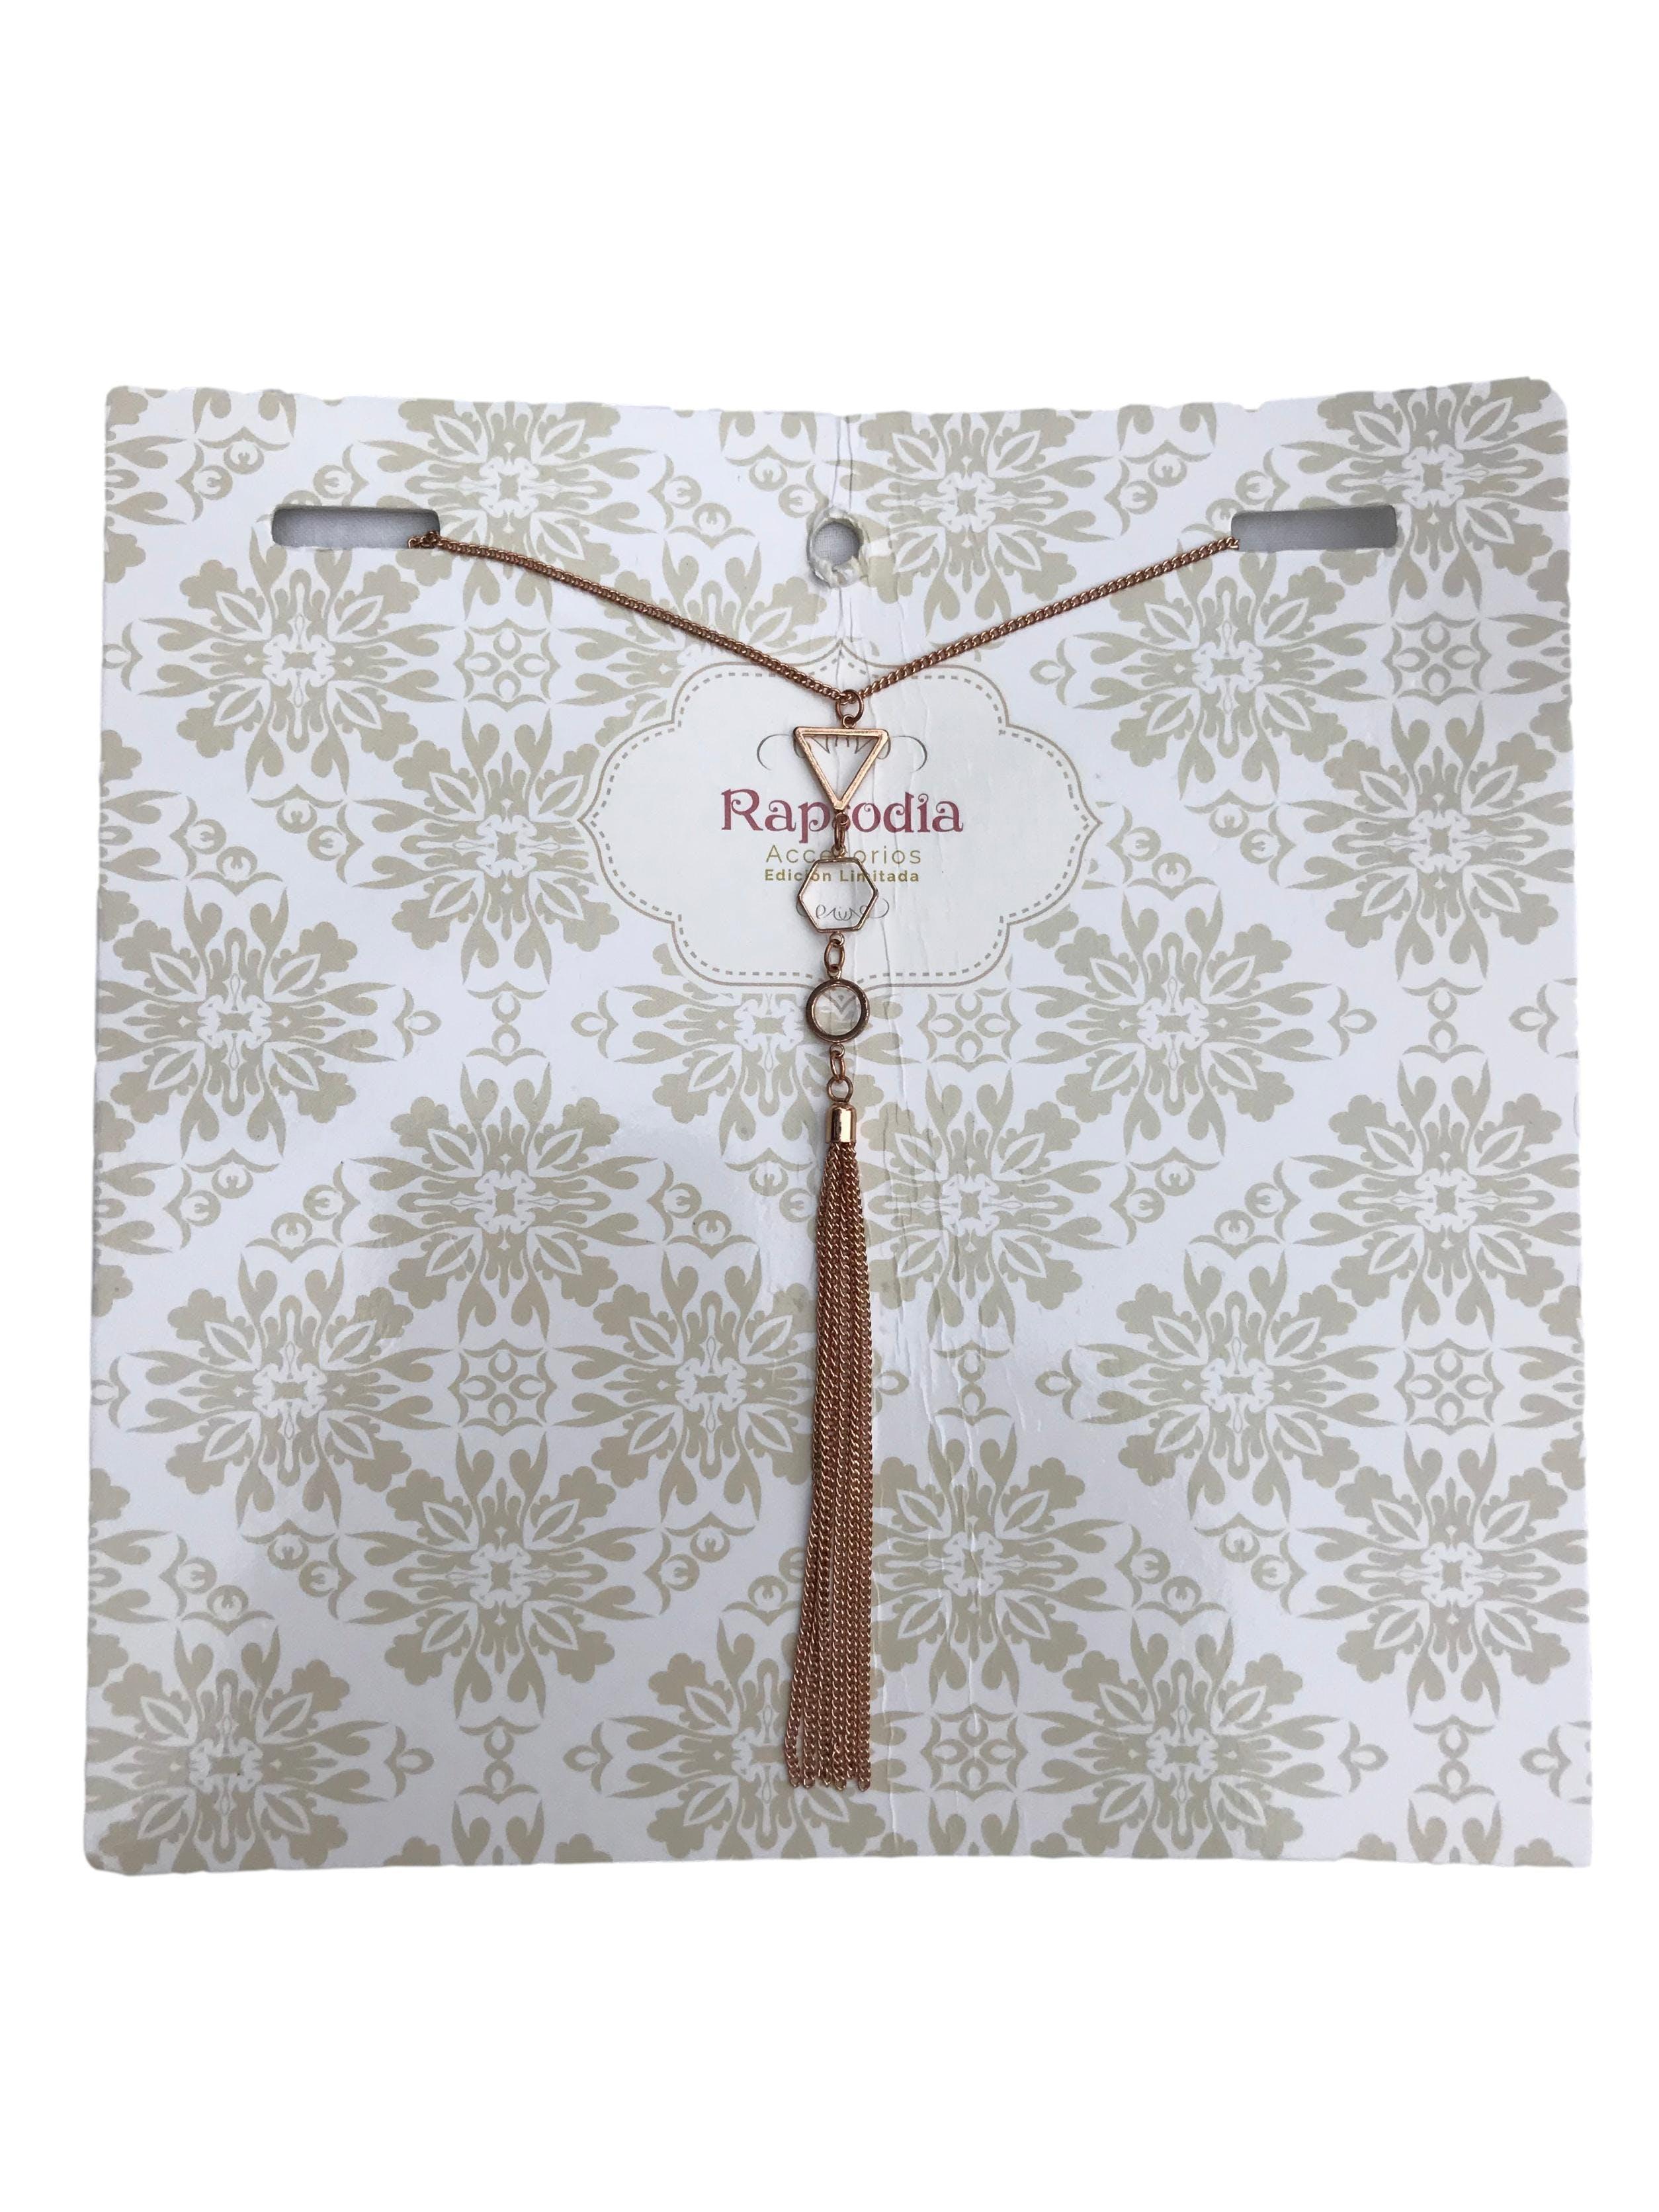 Collar cadena dorada con dijes geométricos y cadenitas colgantes. Largo 80cm. Nuevo con etiqueta, precio original S/ 29.9